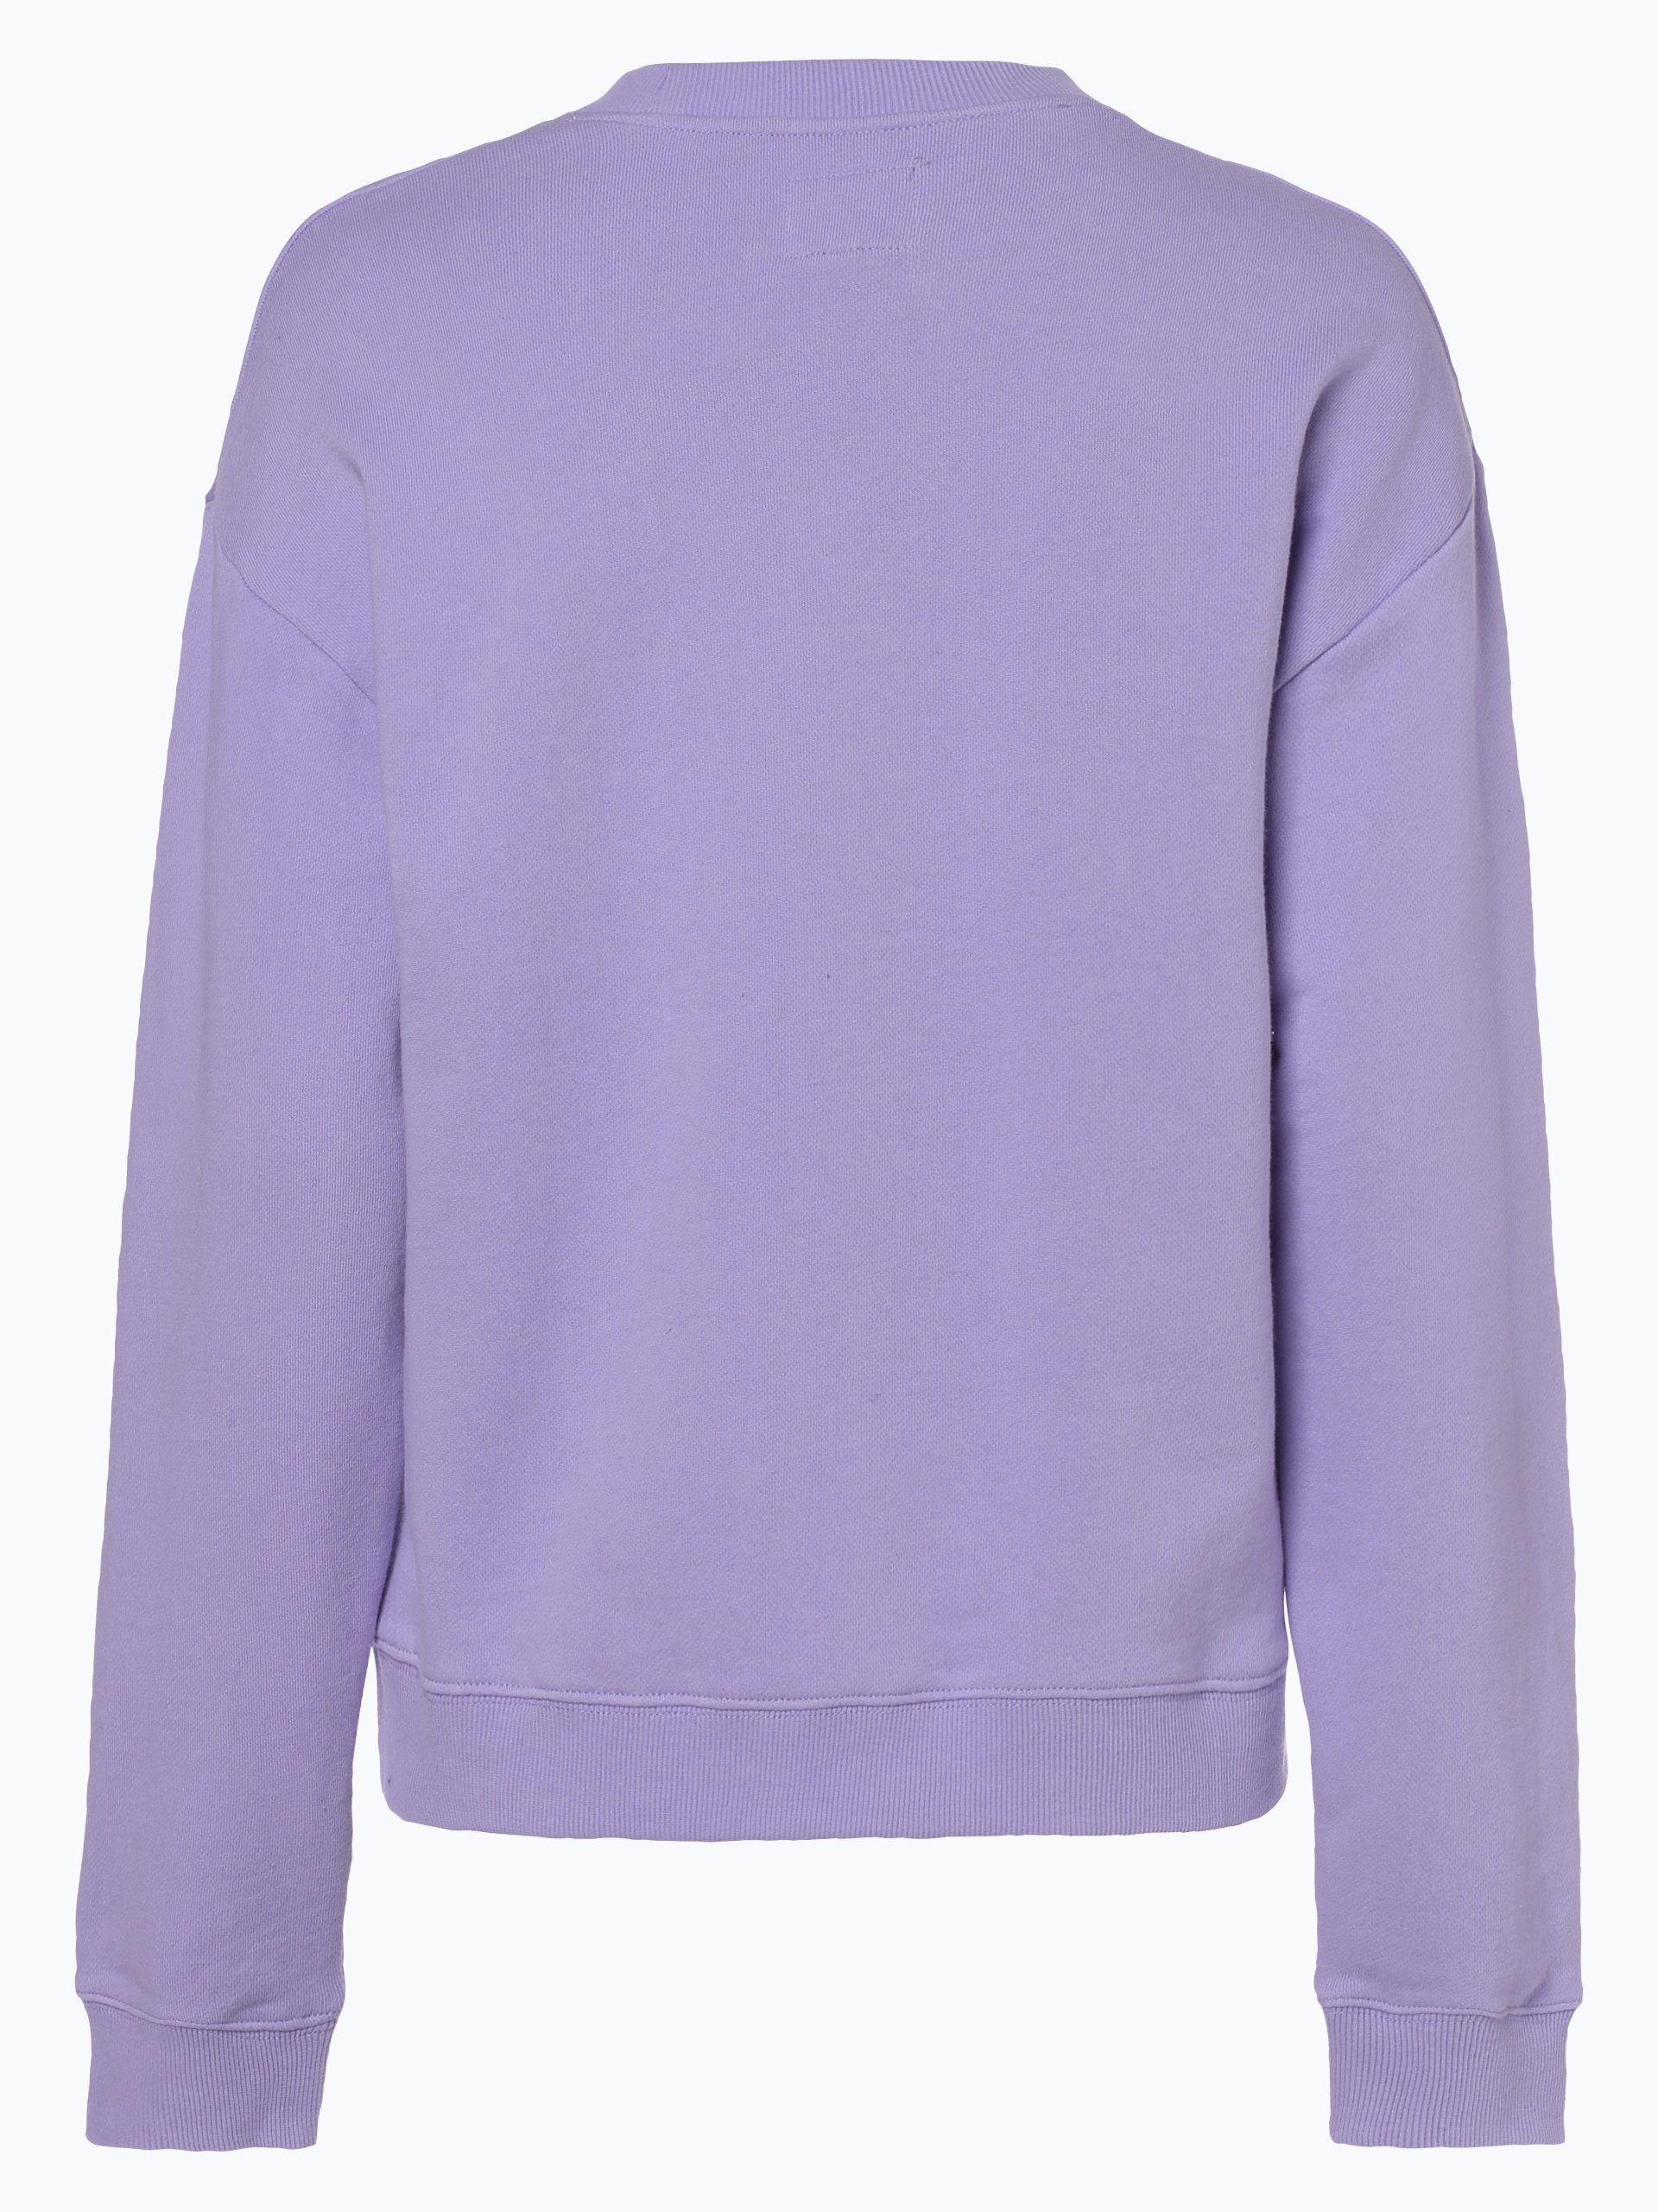 Pepe Jeans Damen Sweatshirt - Celi